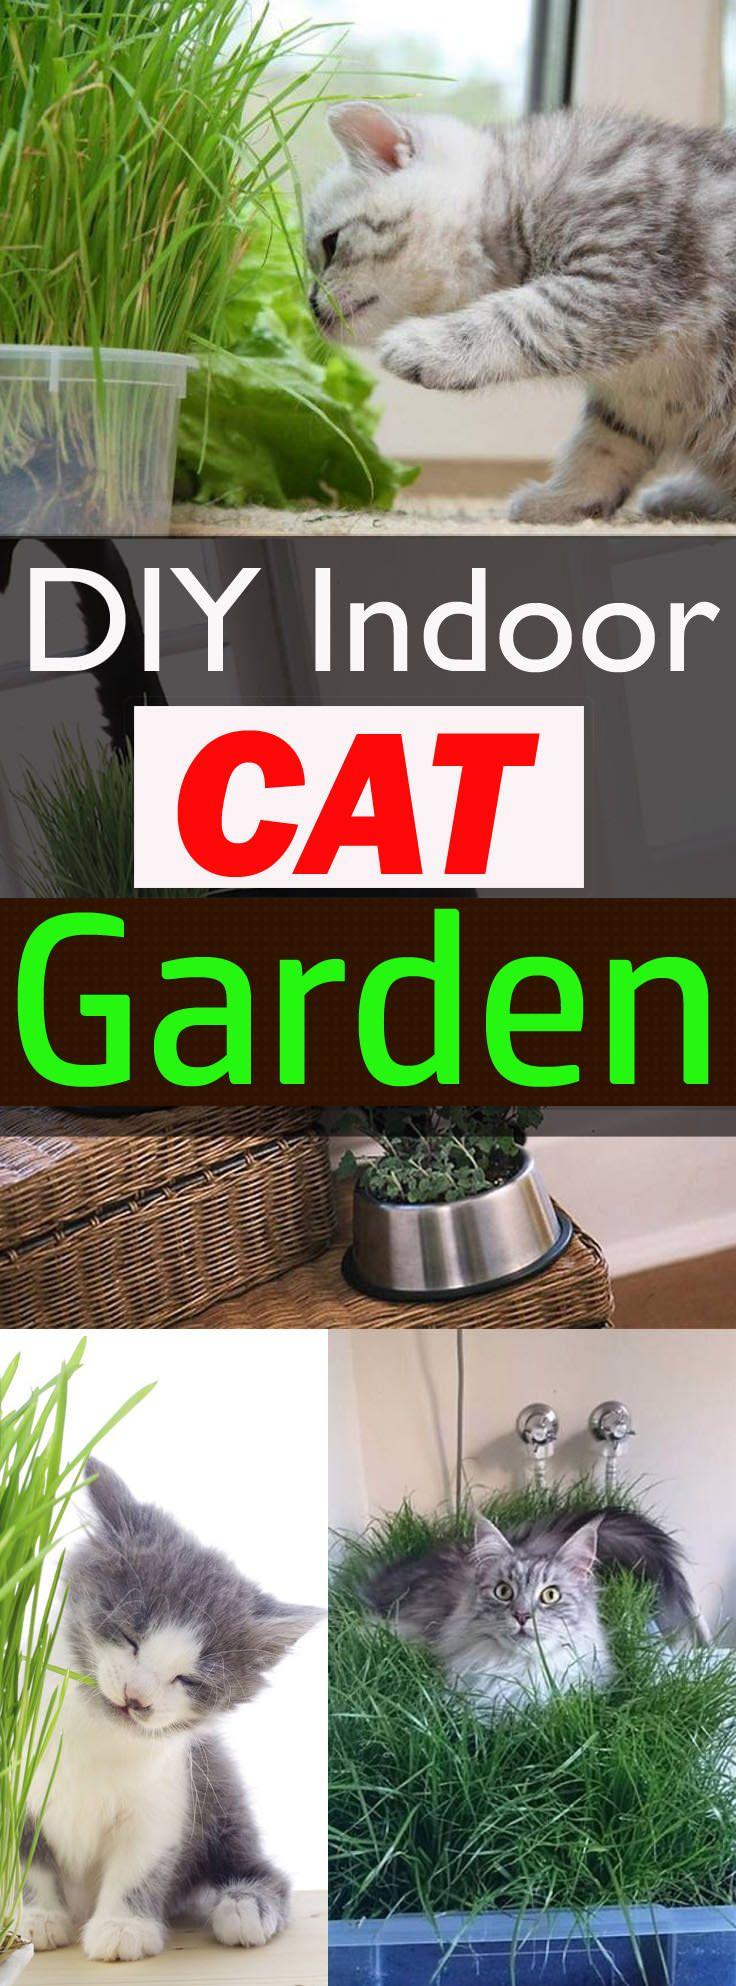 Diy Indoor Cat Garden For Cat Lovers Indoor Cat Garden Cat Garden Indoor Cat